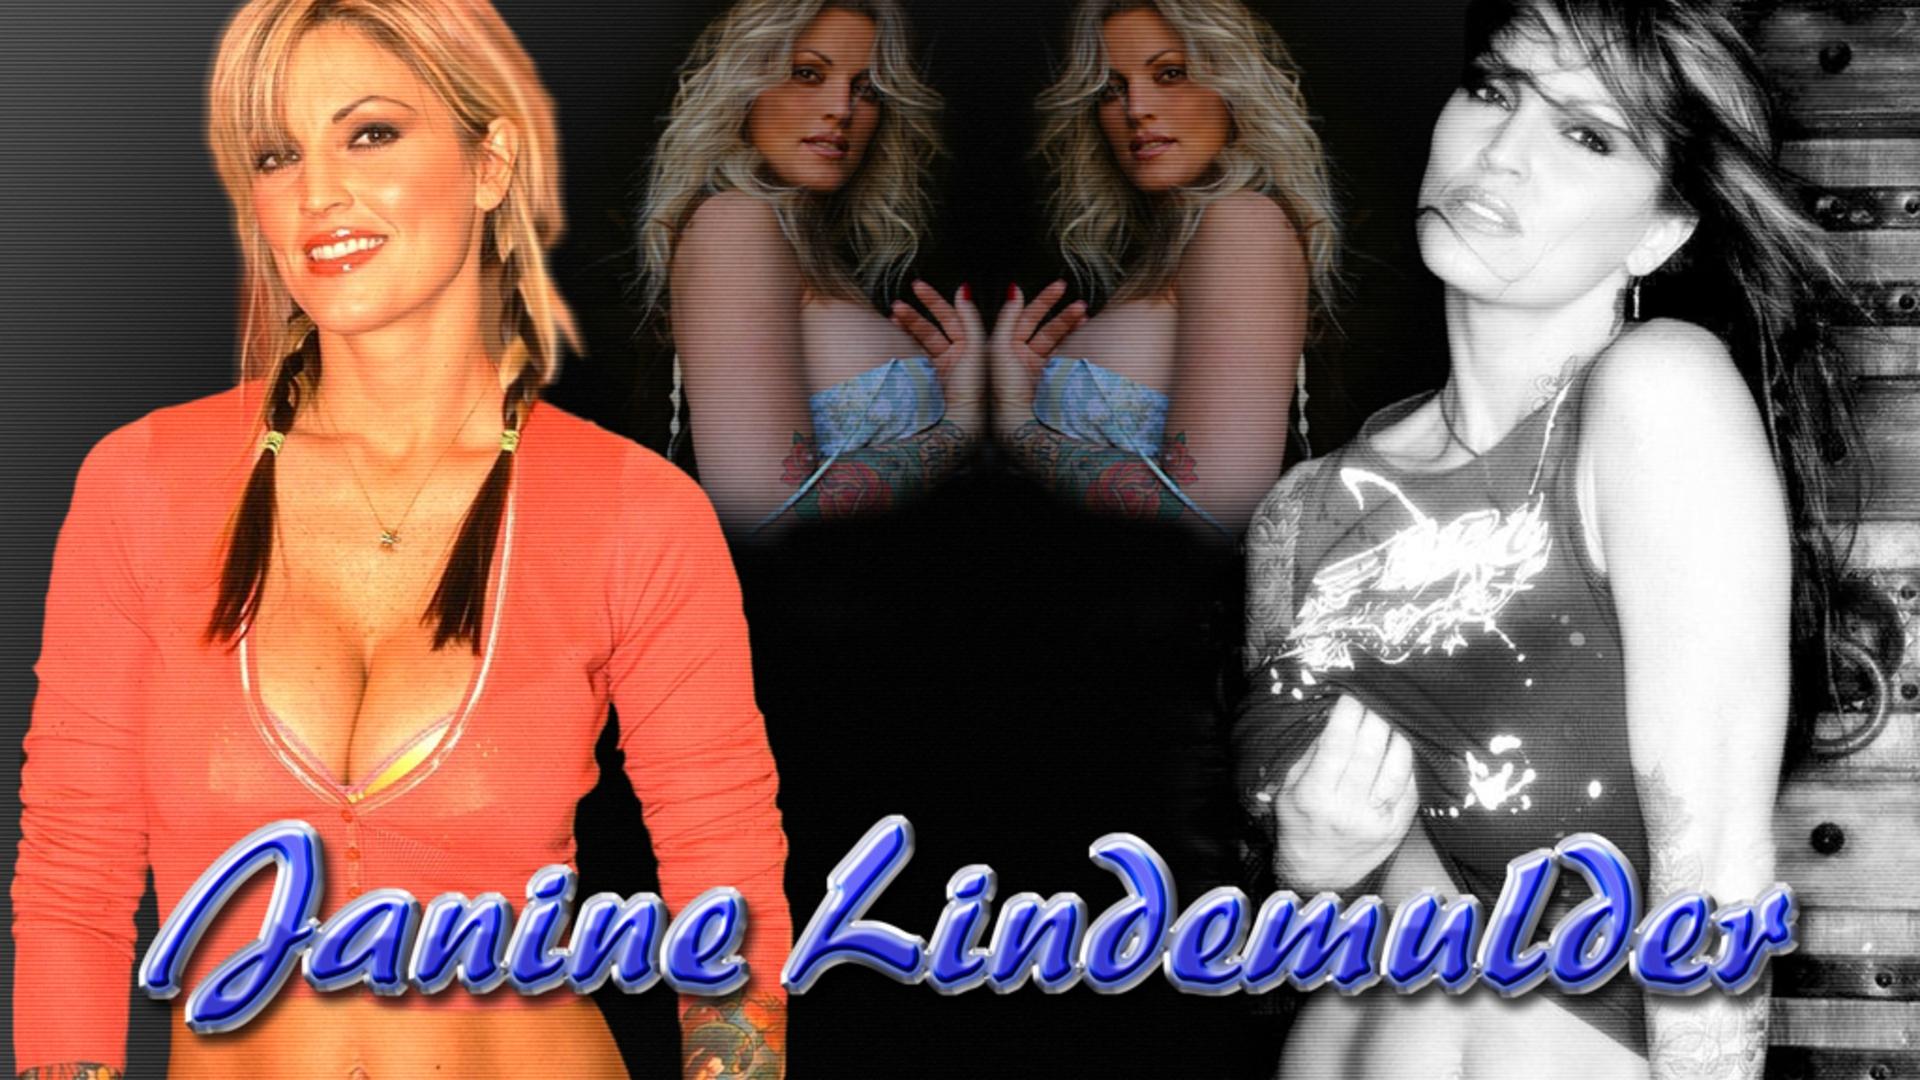 Janine lindemulder wallpaper